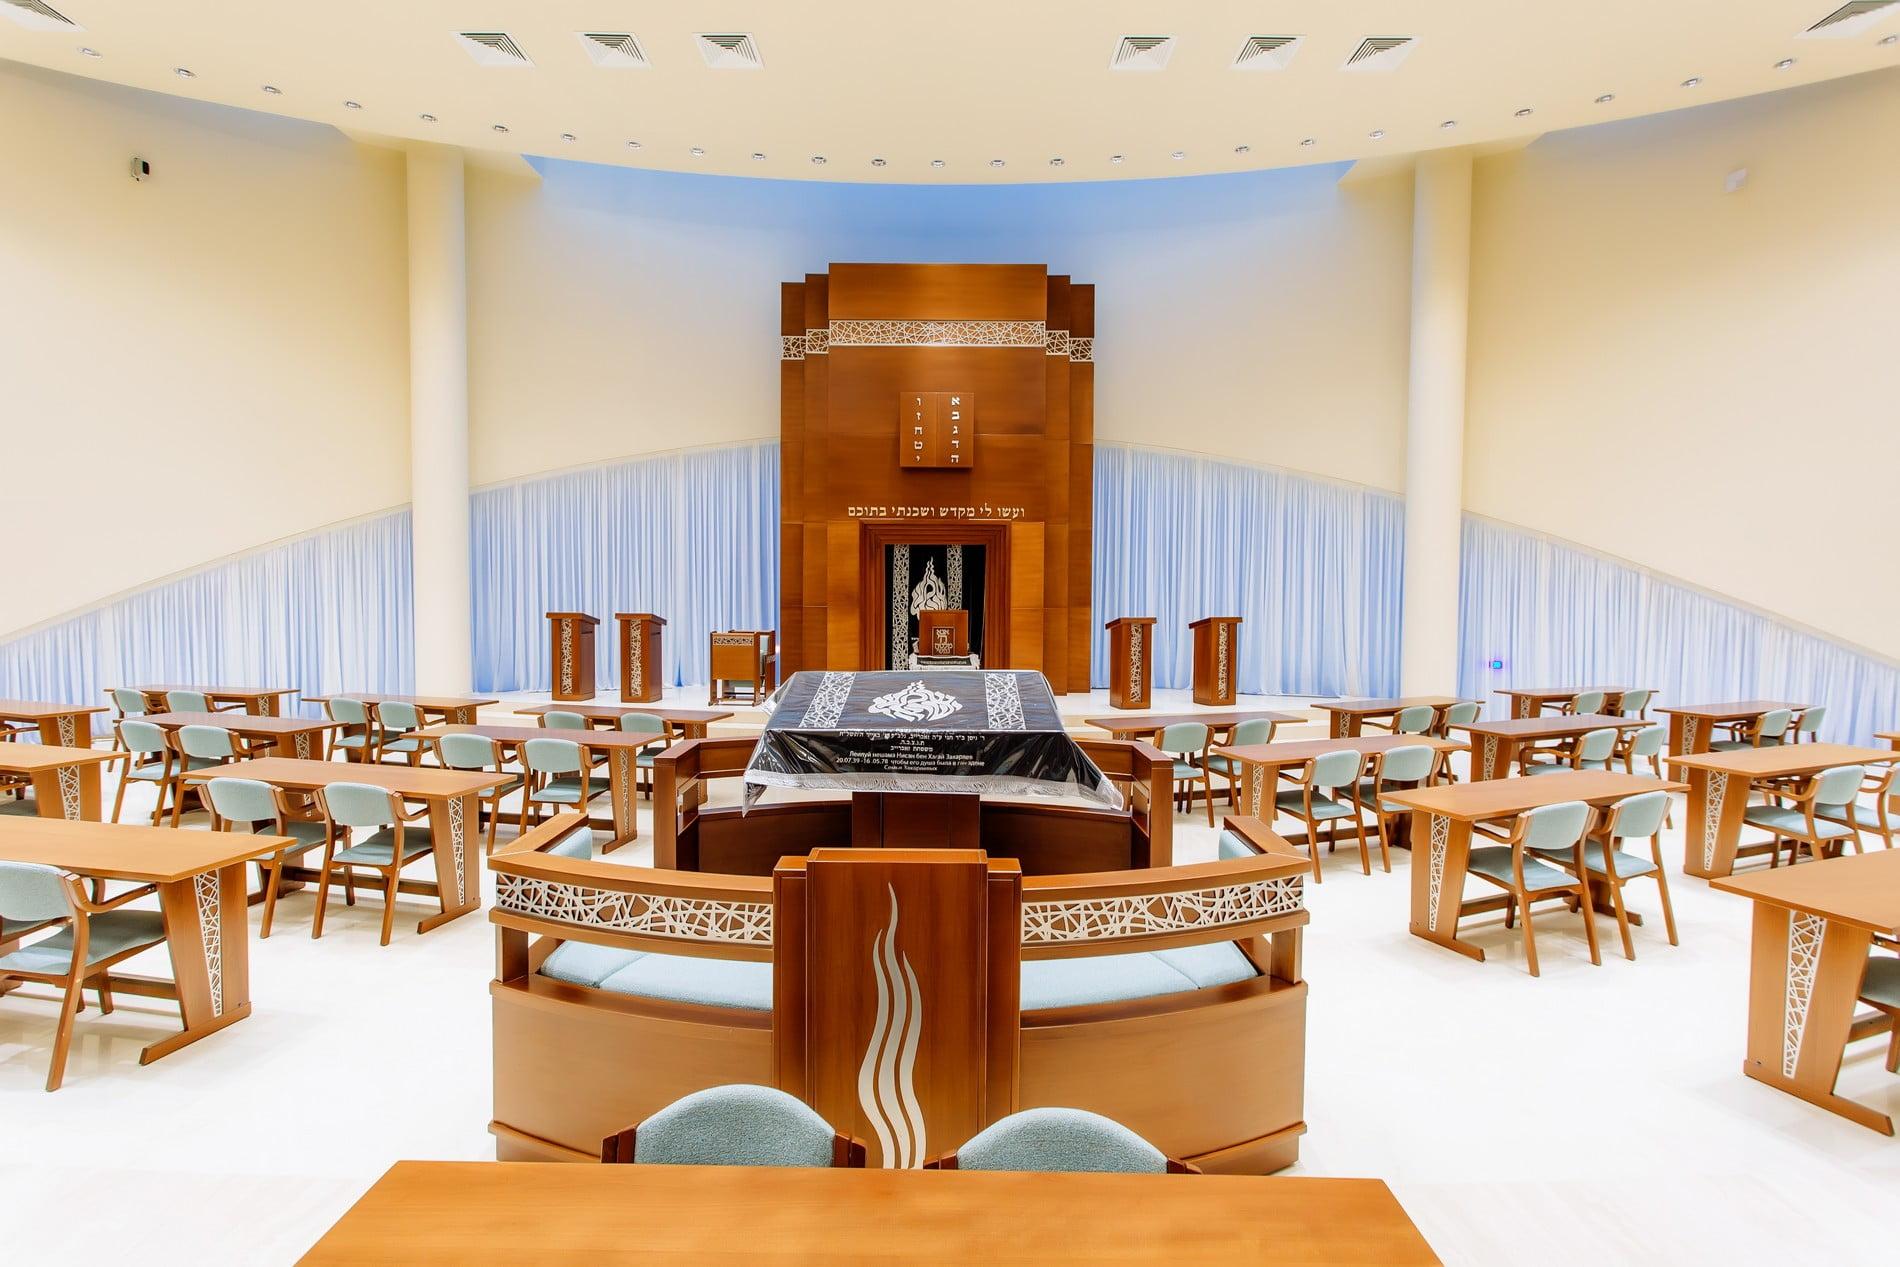 Zokobzoa Synagogue